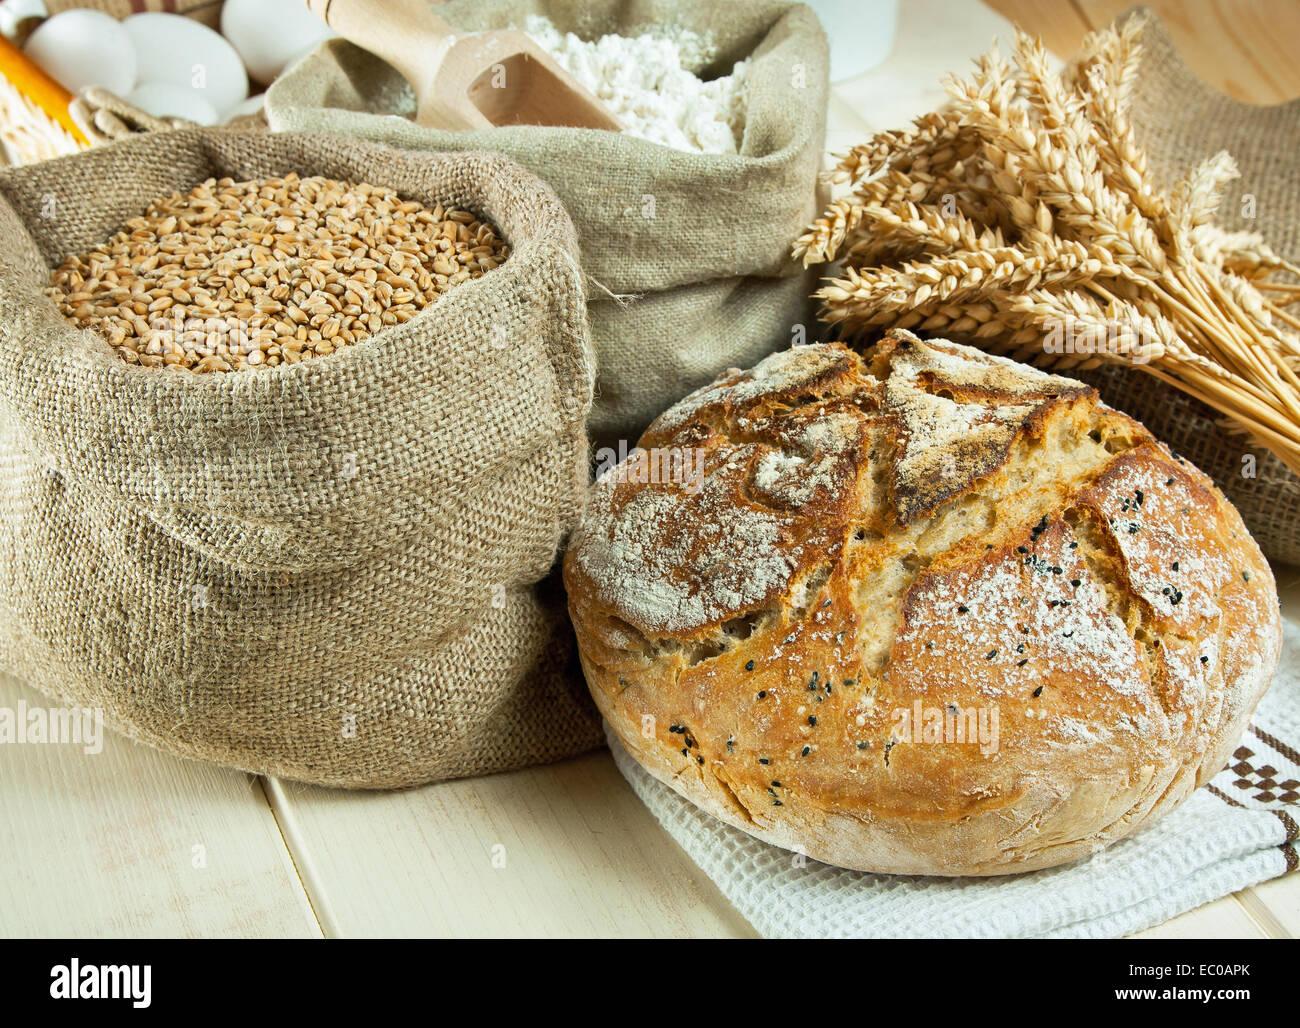 Il pane fatto in casa e del grano su tavola Immagini Stock